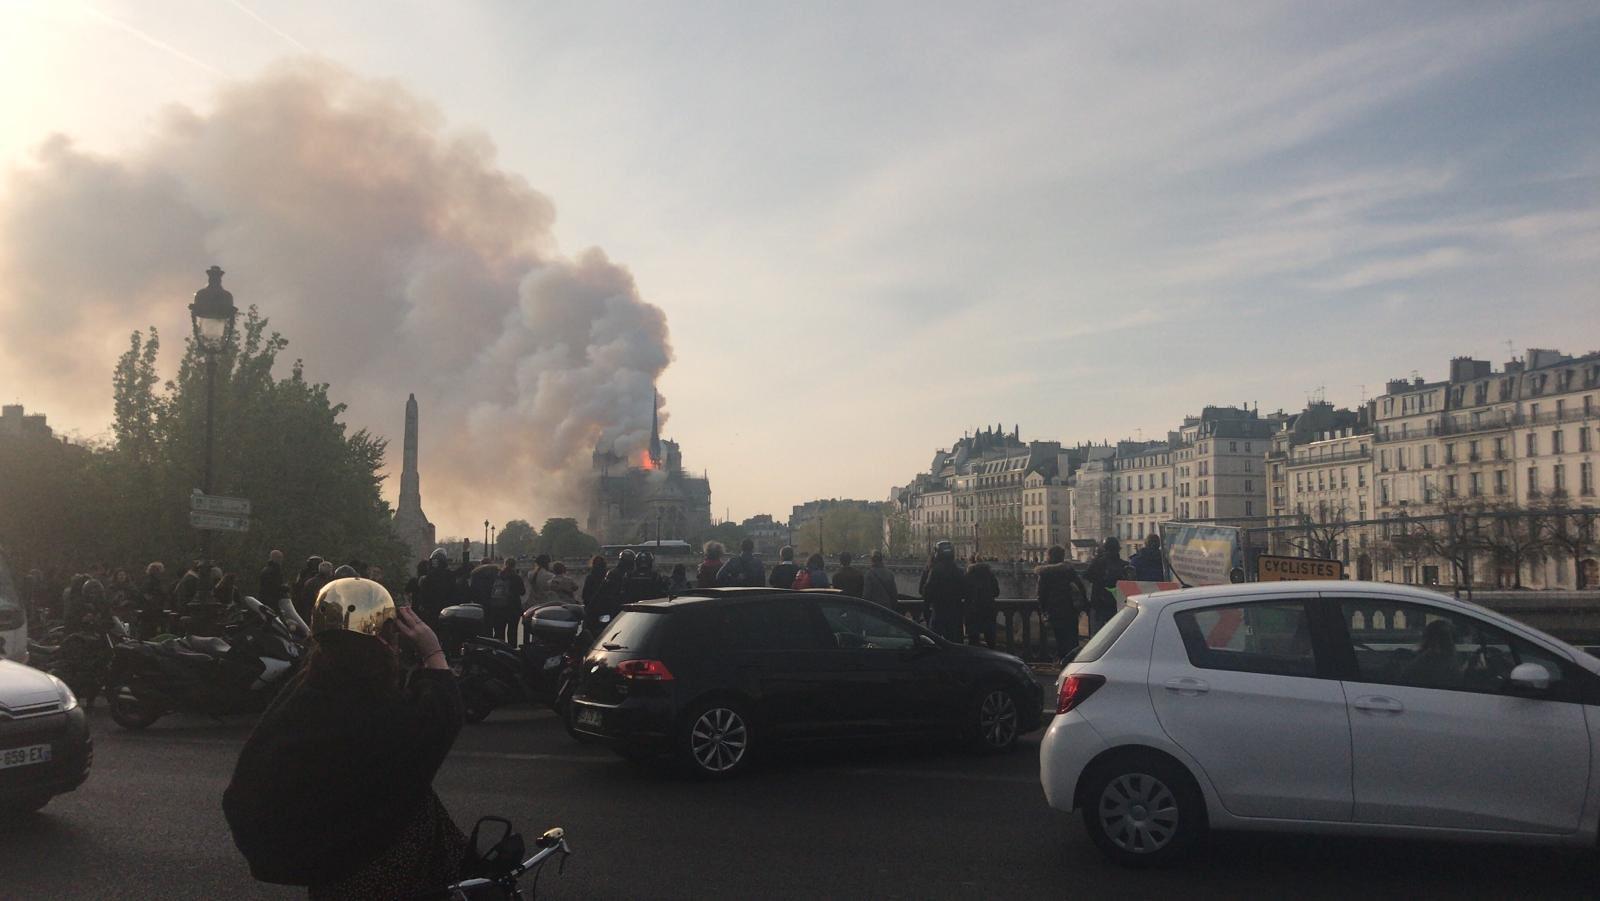 Масштабный пожар охватил знаменитый Собор Парижской Богоматери в Париже